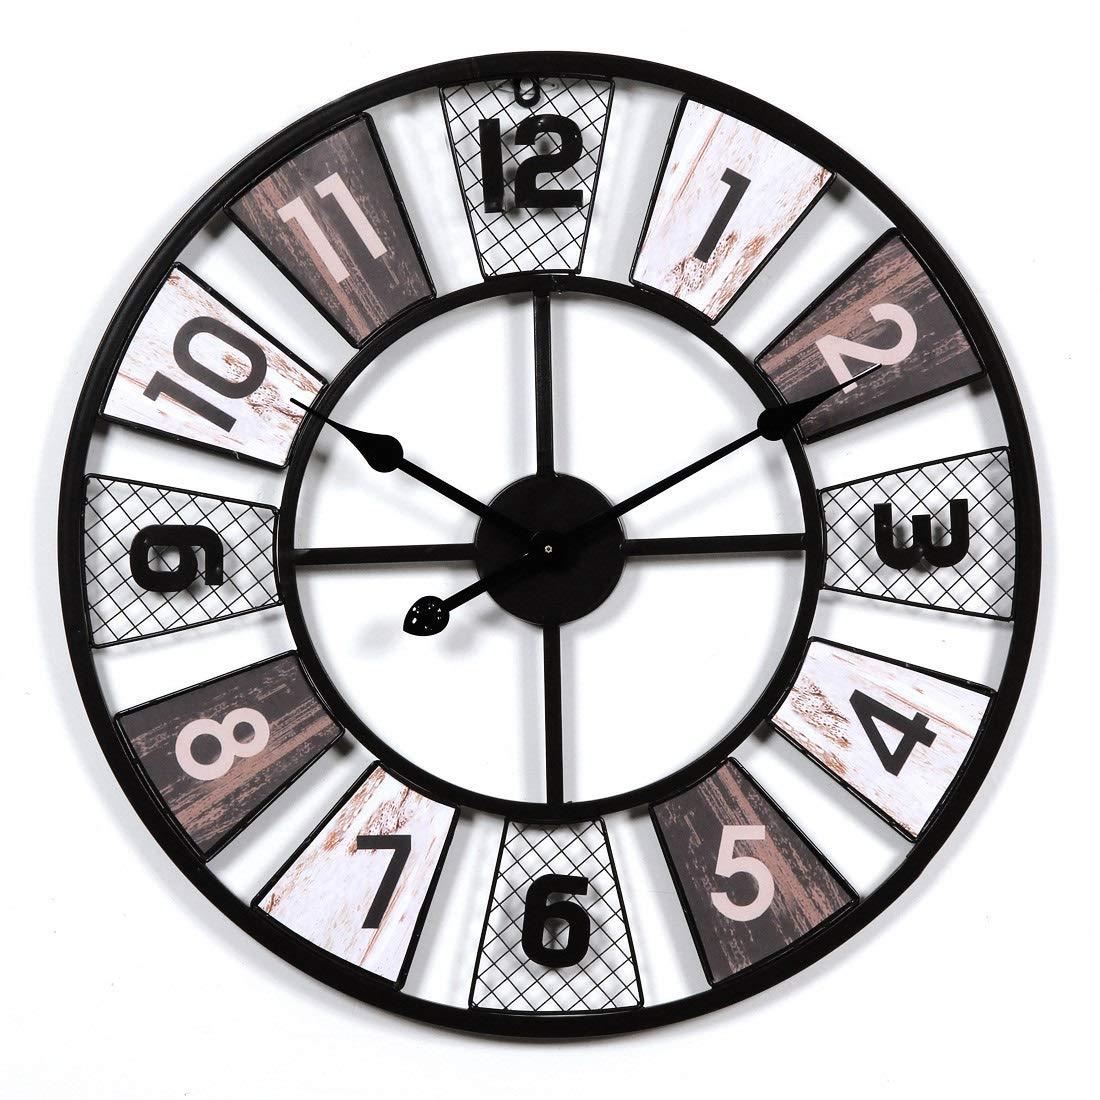 壁掛け時計、大型金属製壁掛け時計、ヴィンテージヨーロッパ美術の壁掛け時計、リビングルーム用掛け時計、掛け時計大型キッチン、サイレントノンチック、家の装飾60 * 60 cm Bac bac B07SLXF2JN